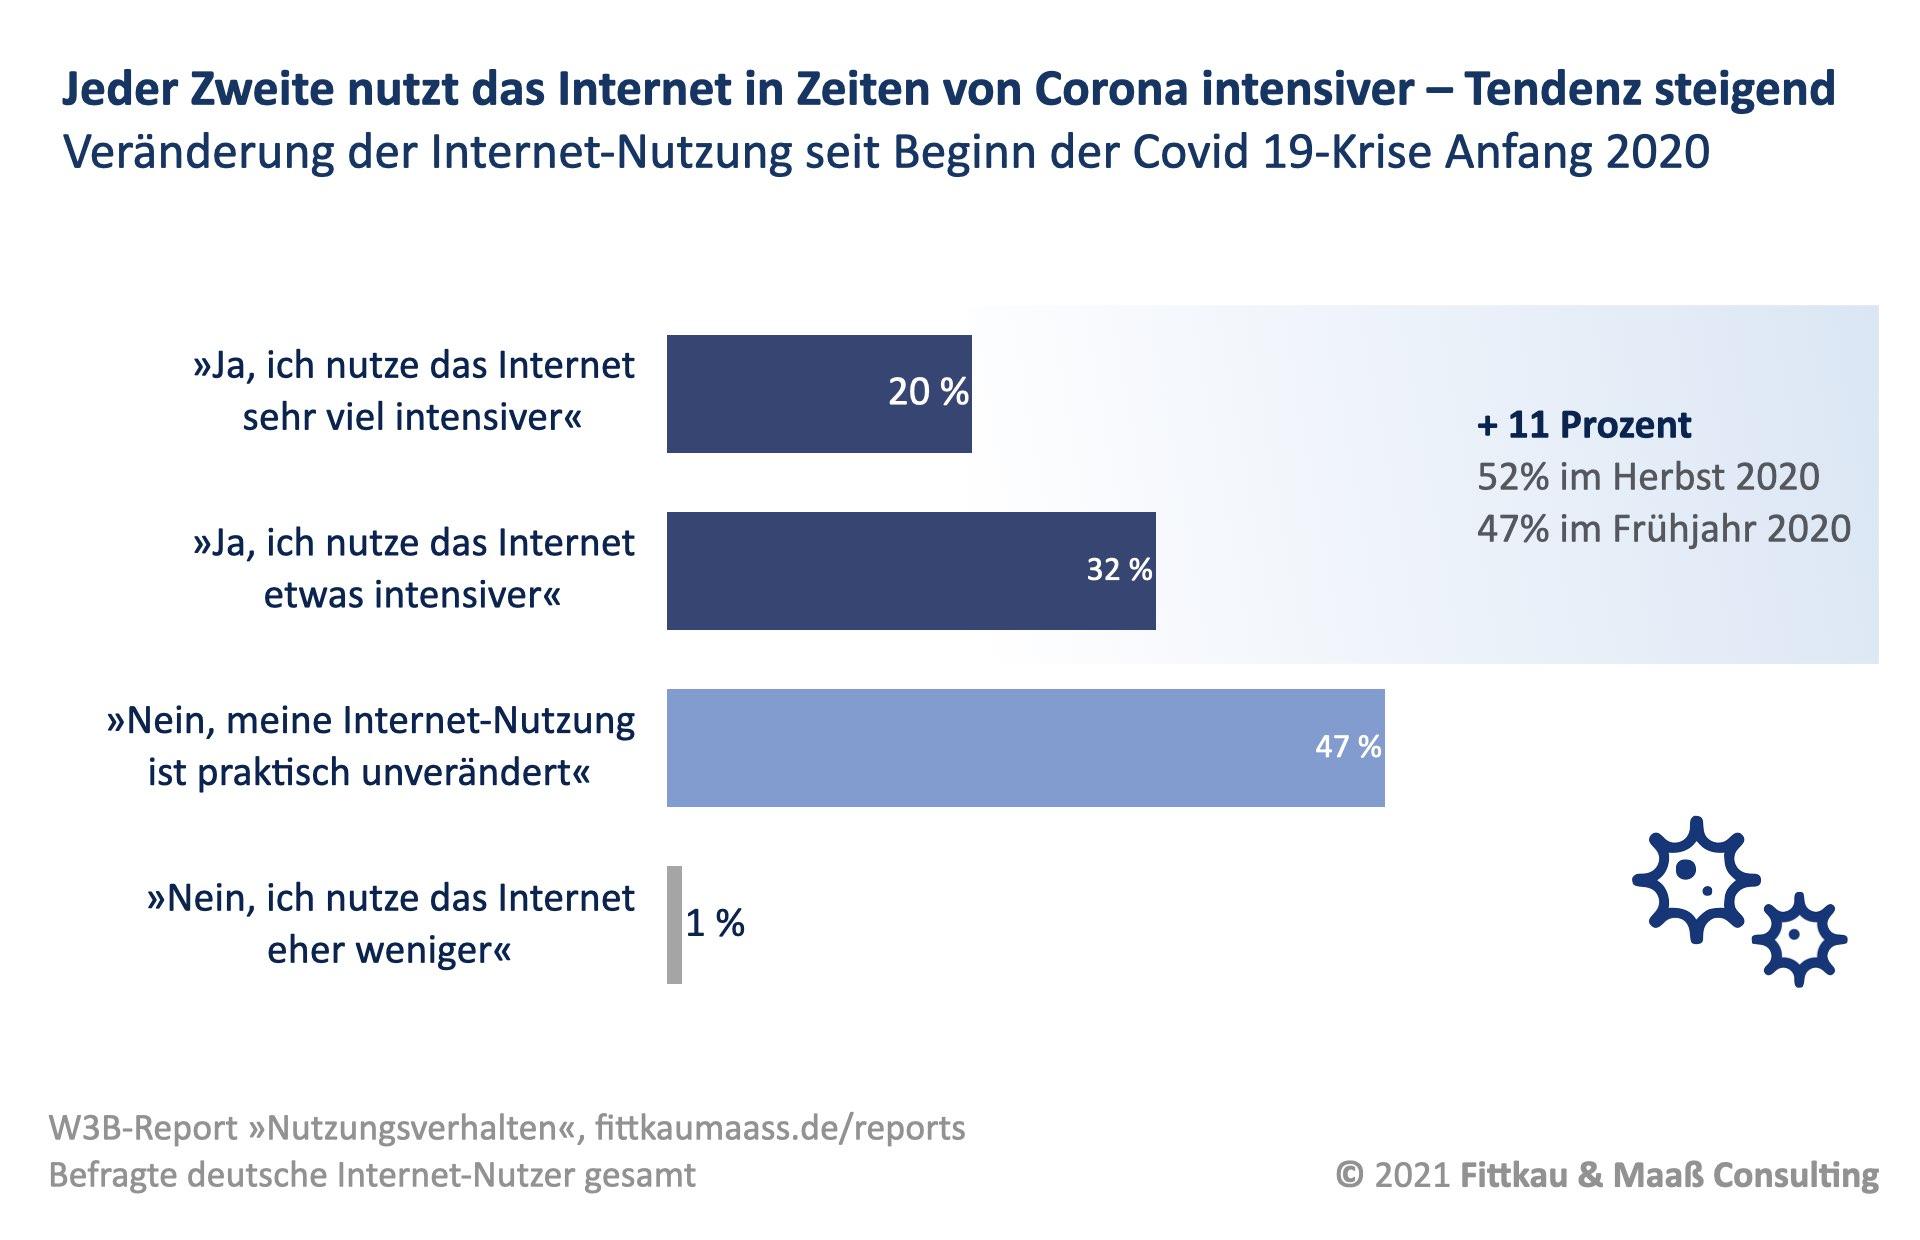 Veränderte Internet-Nutzung in der Corona-Krise